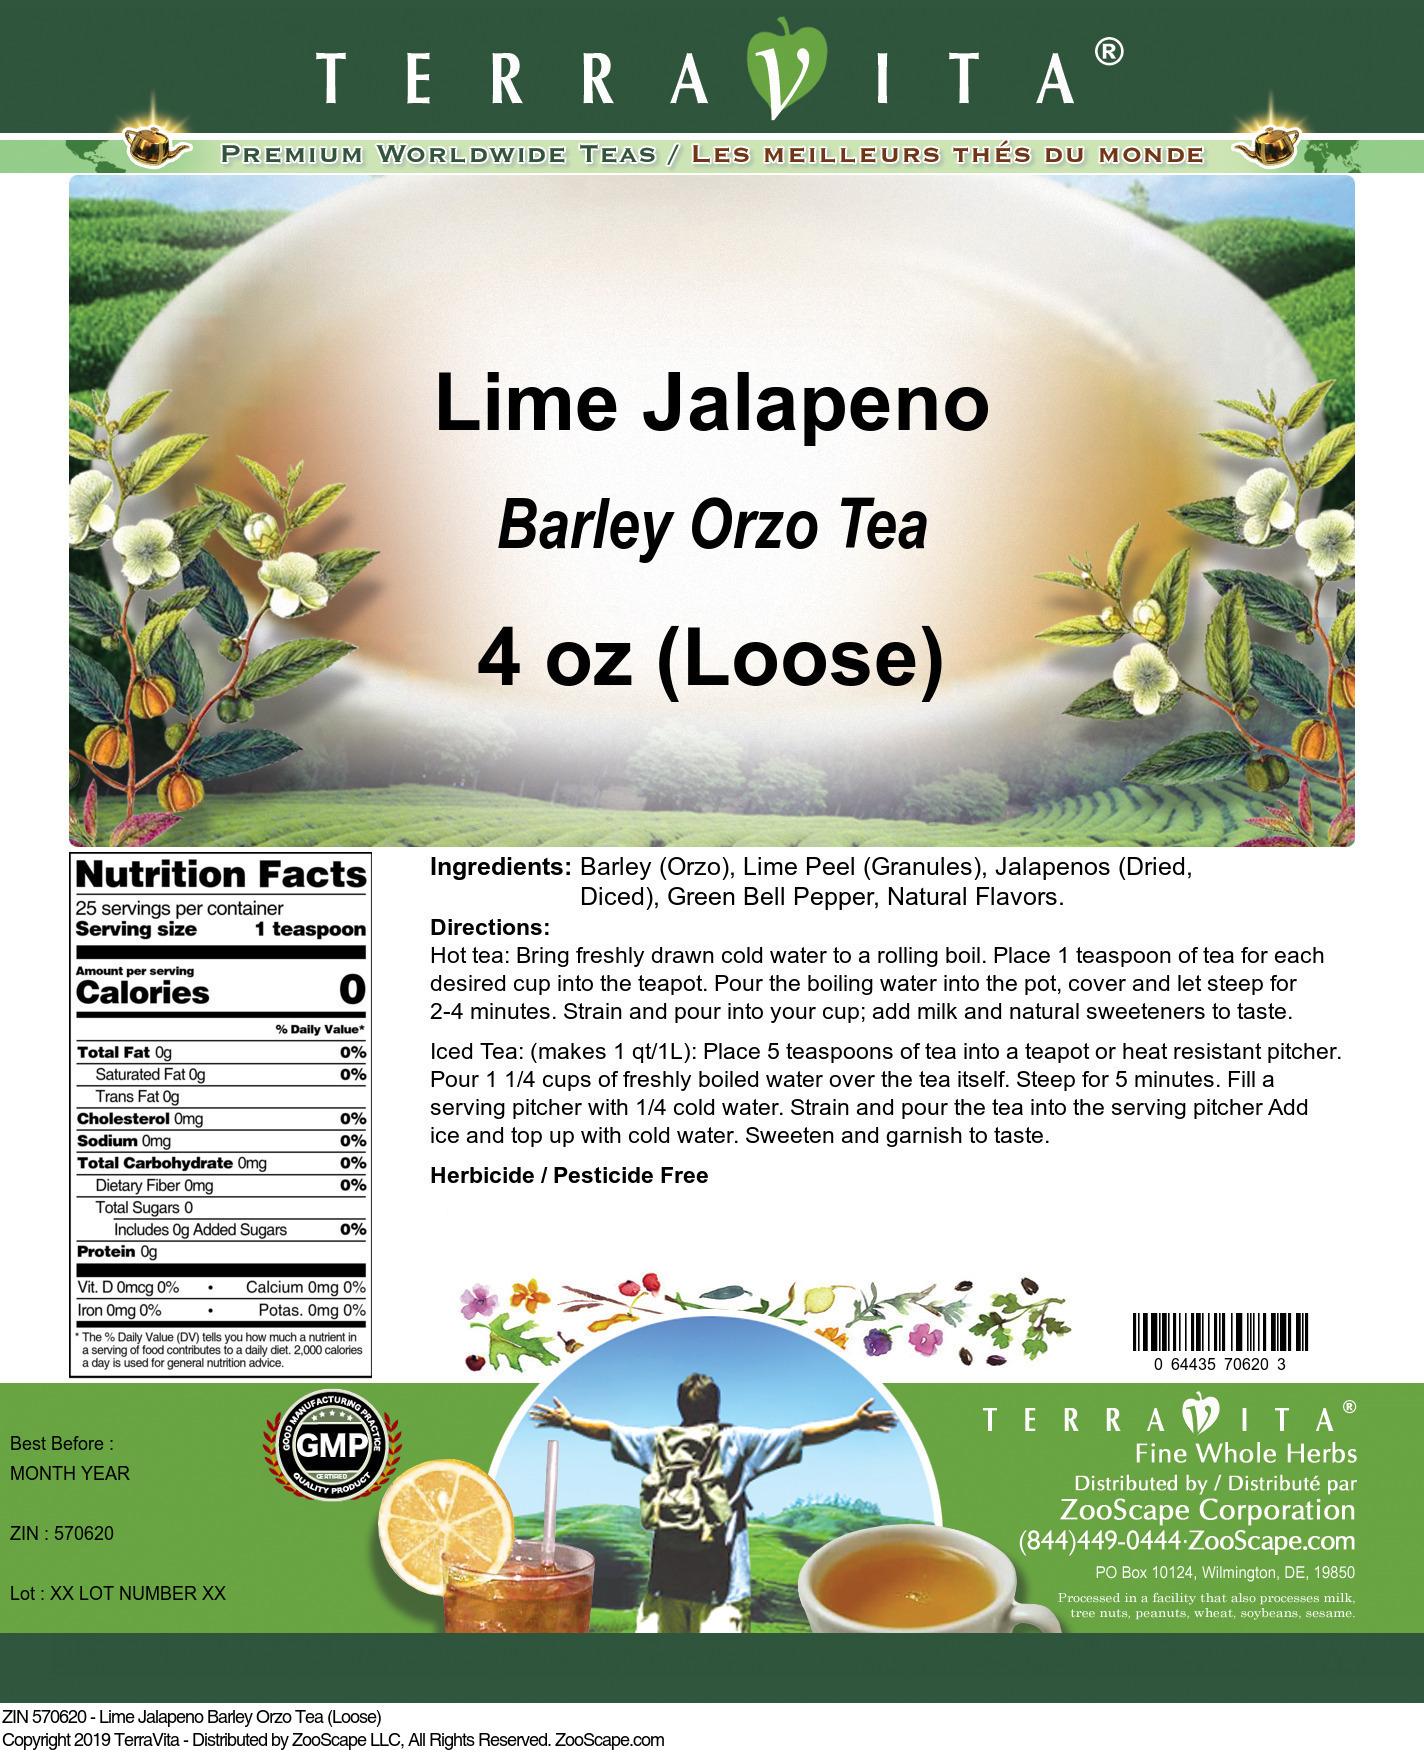 Lime Jalapeno Barley Orzo Tea (Loose)